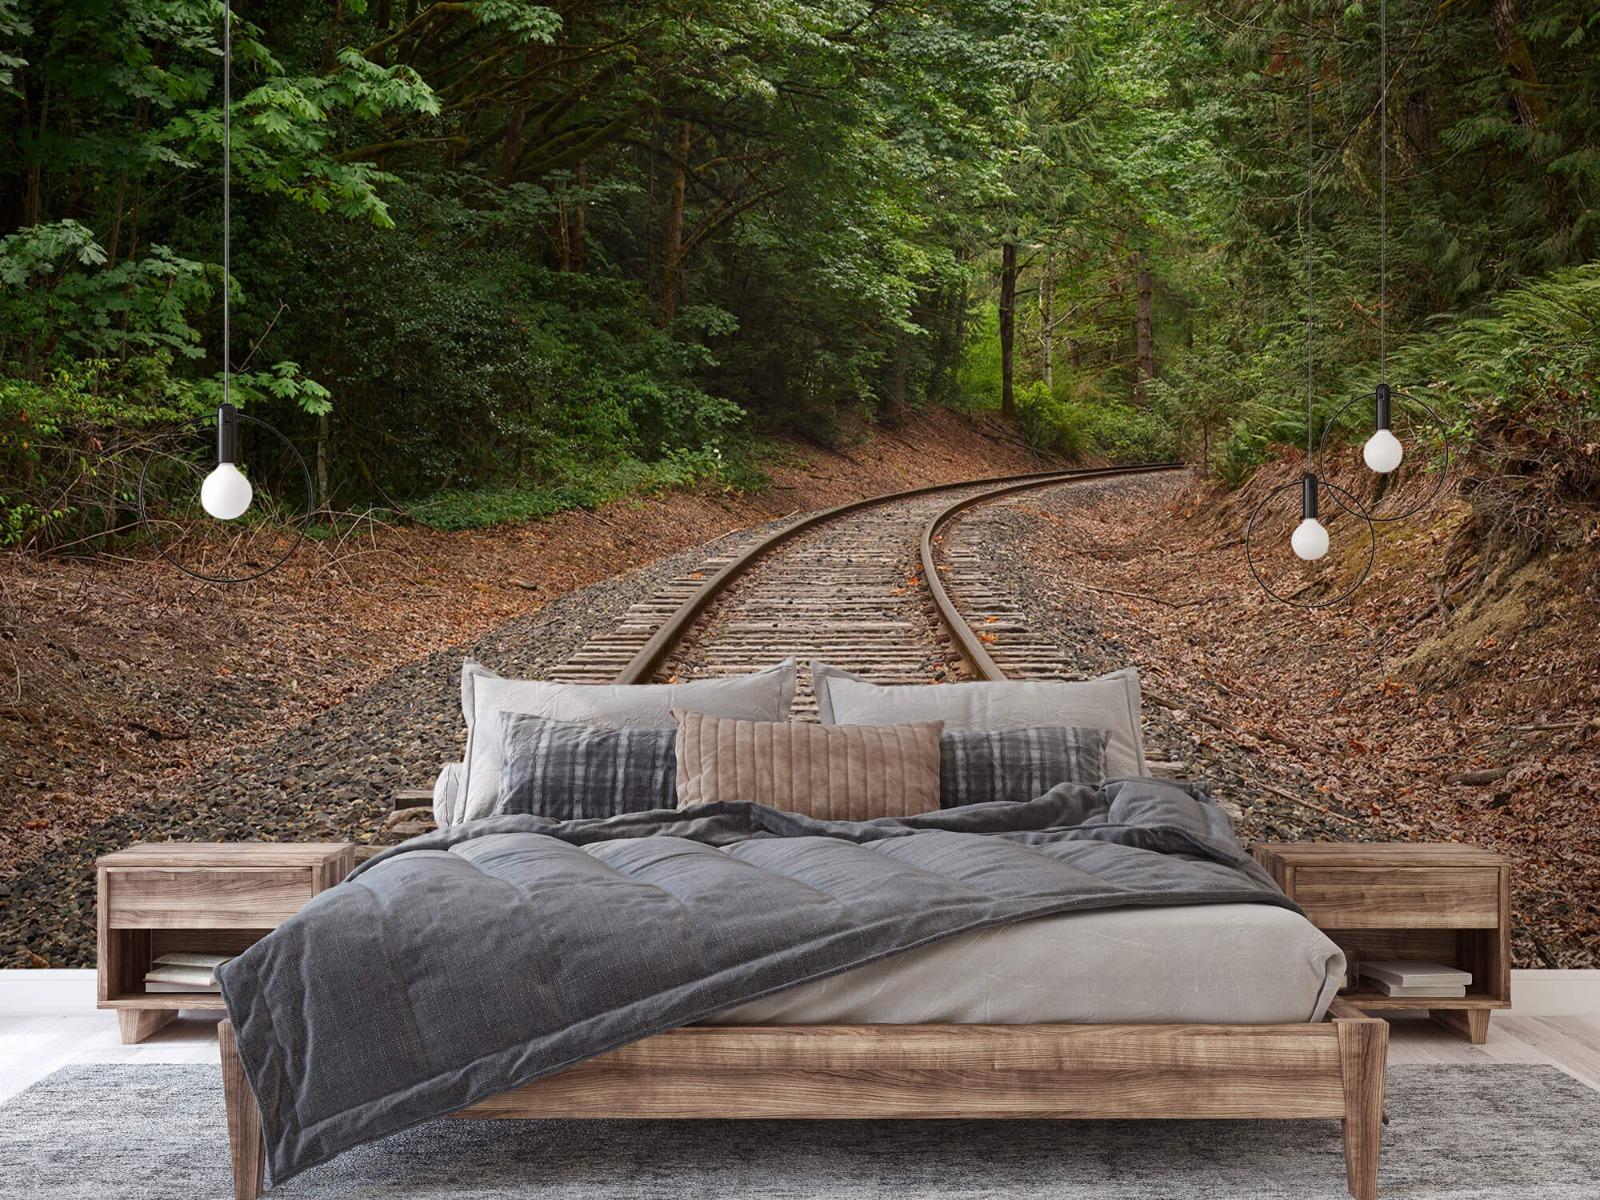 Bos behang - Spoorlijn door het bos - Slaapkamer 5